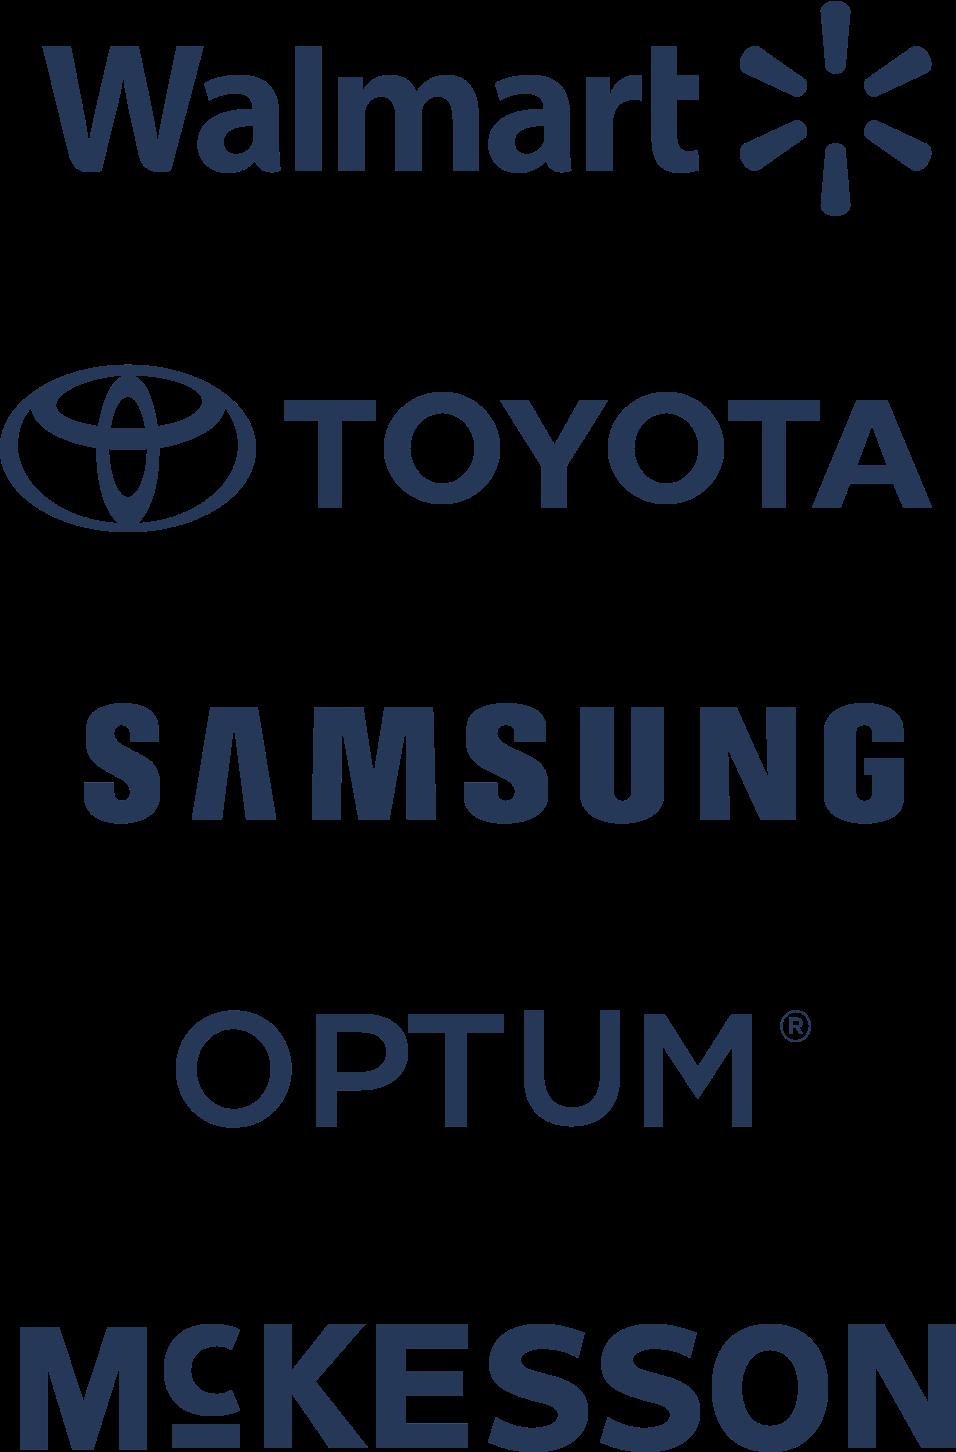 Logo's Walmart, Toyota, Samsung, Optum, McKesson